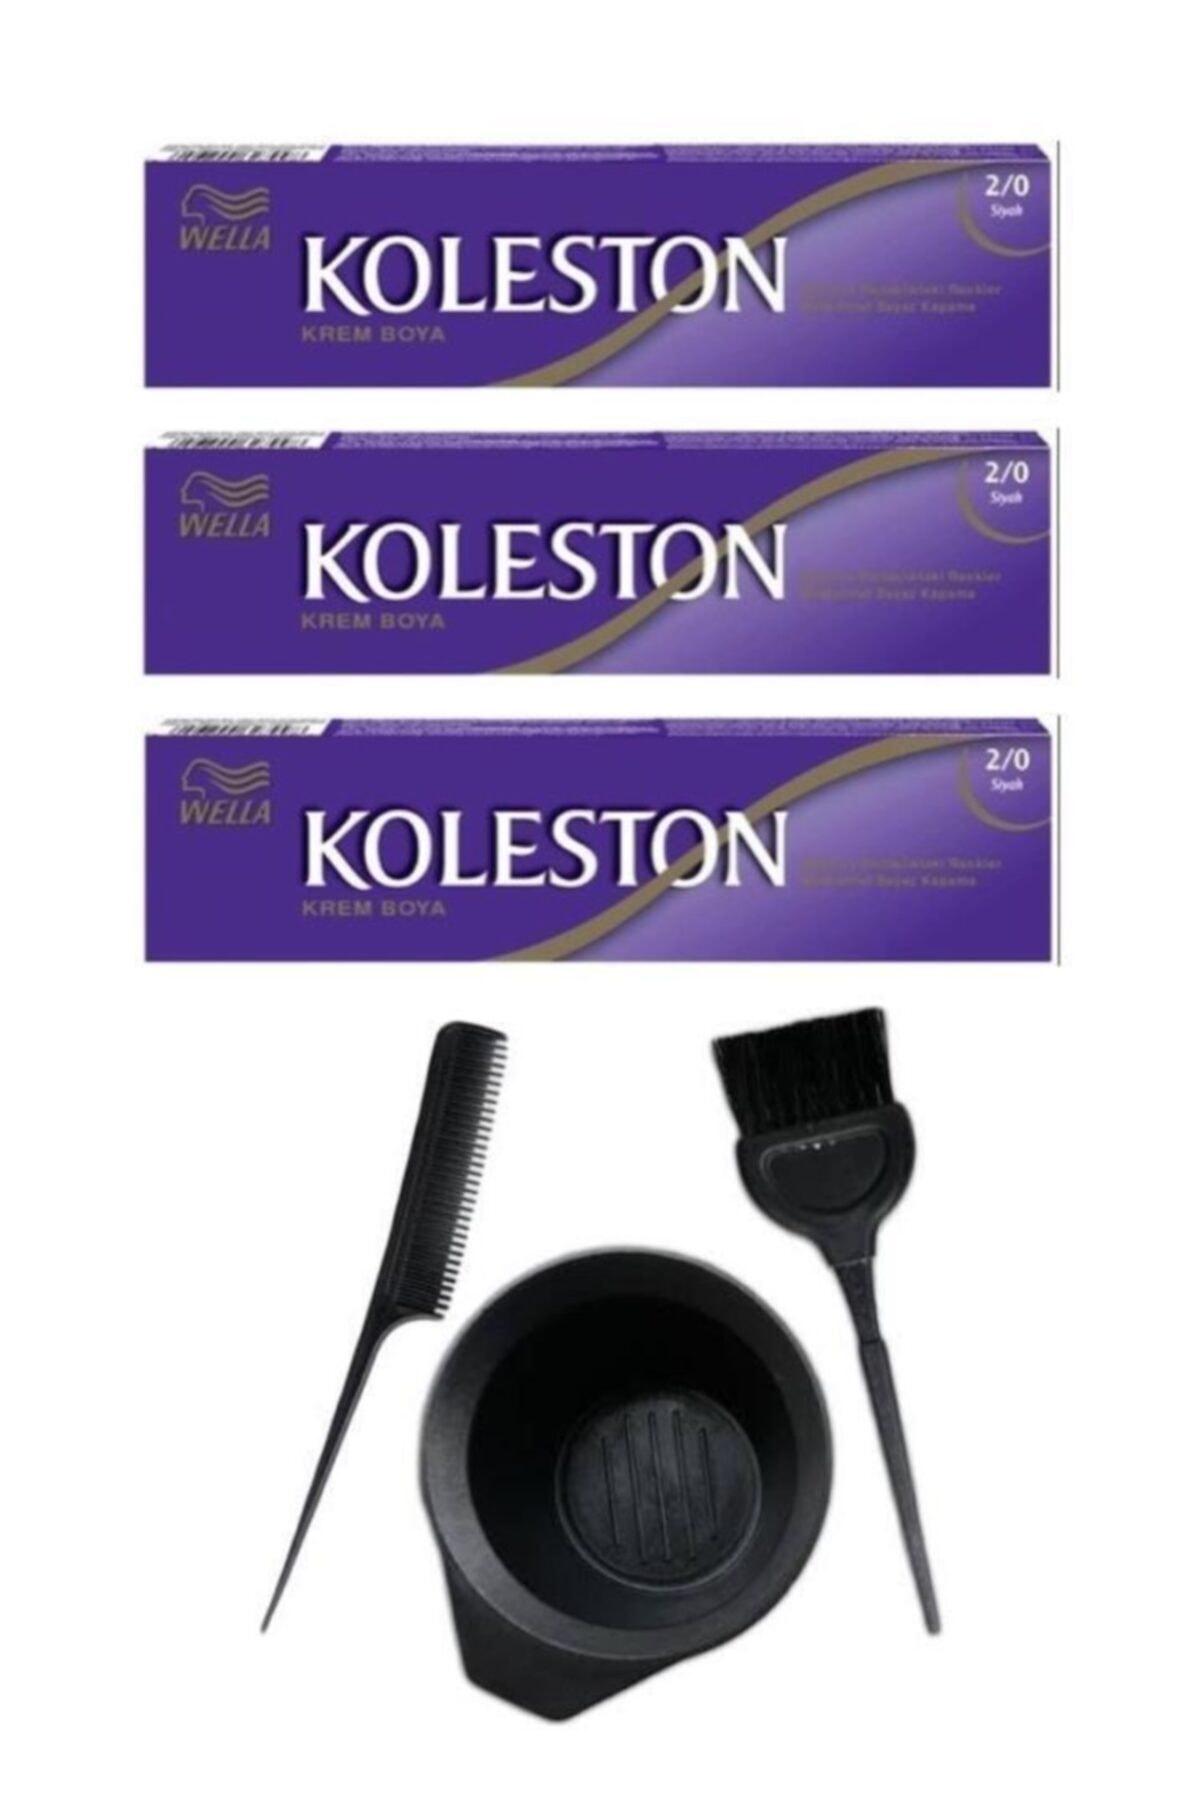 Koleston Tüp Saç Boyası 2.0 3 Adet + Saç Boyama Seti 1